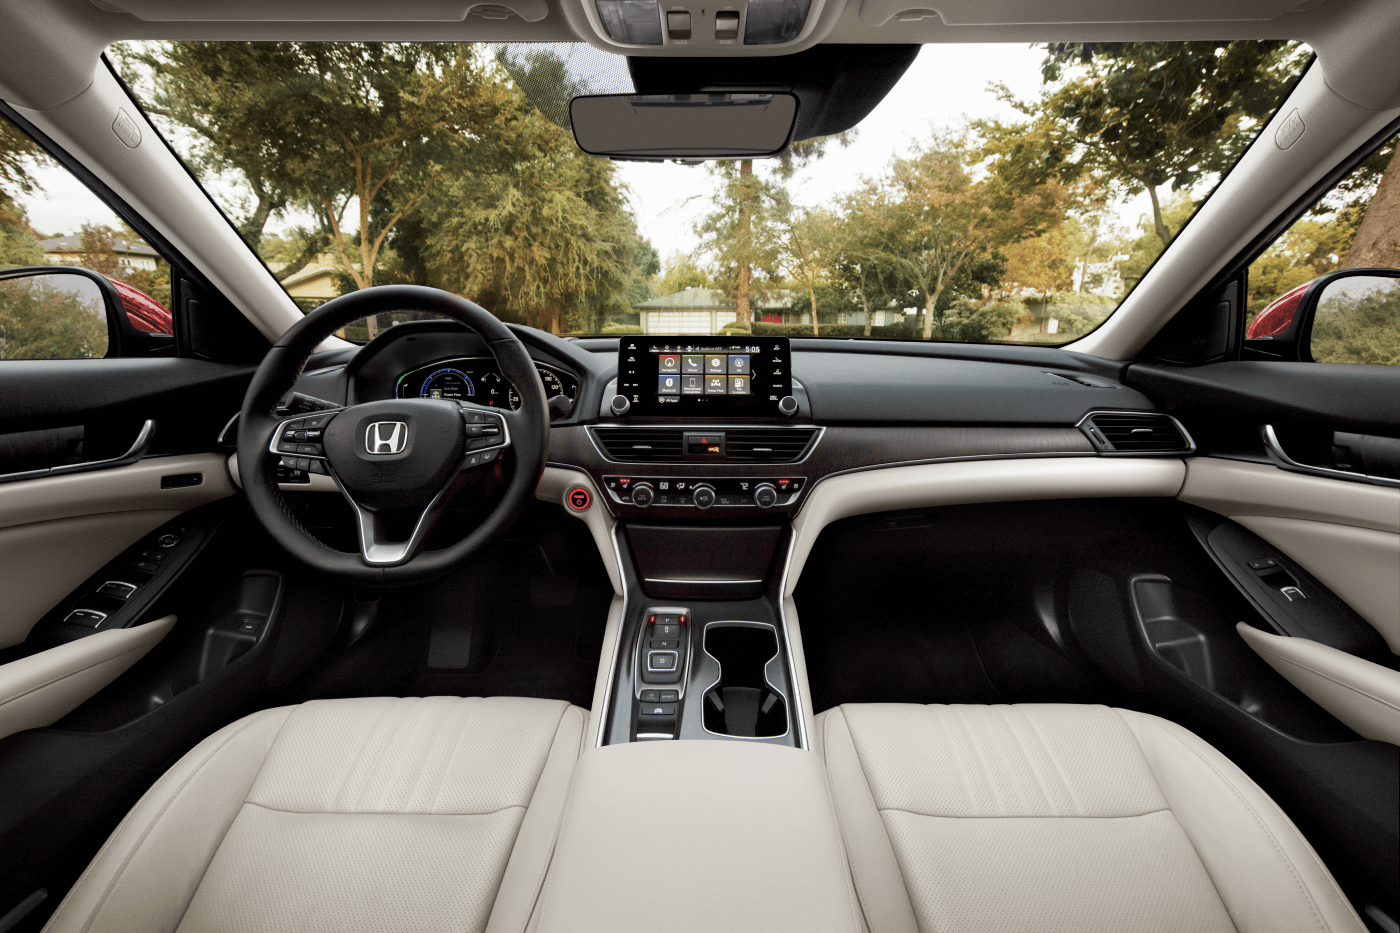 2021 Honda Accord Interior Cabin